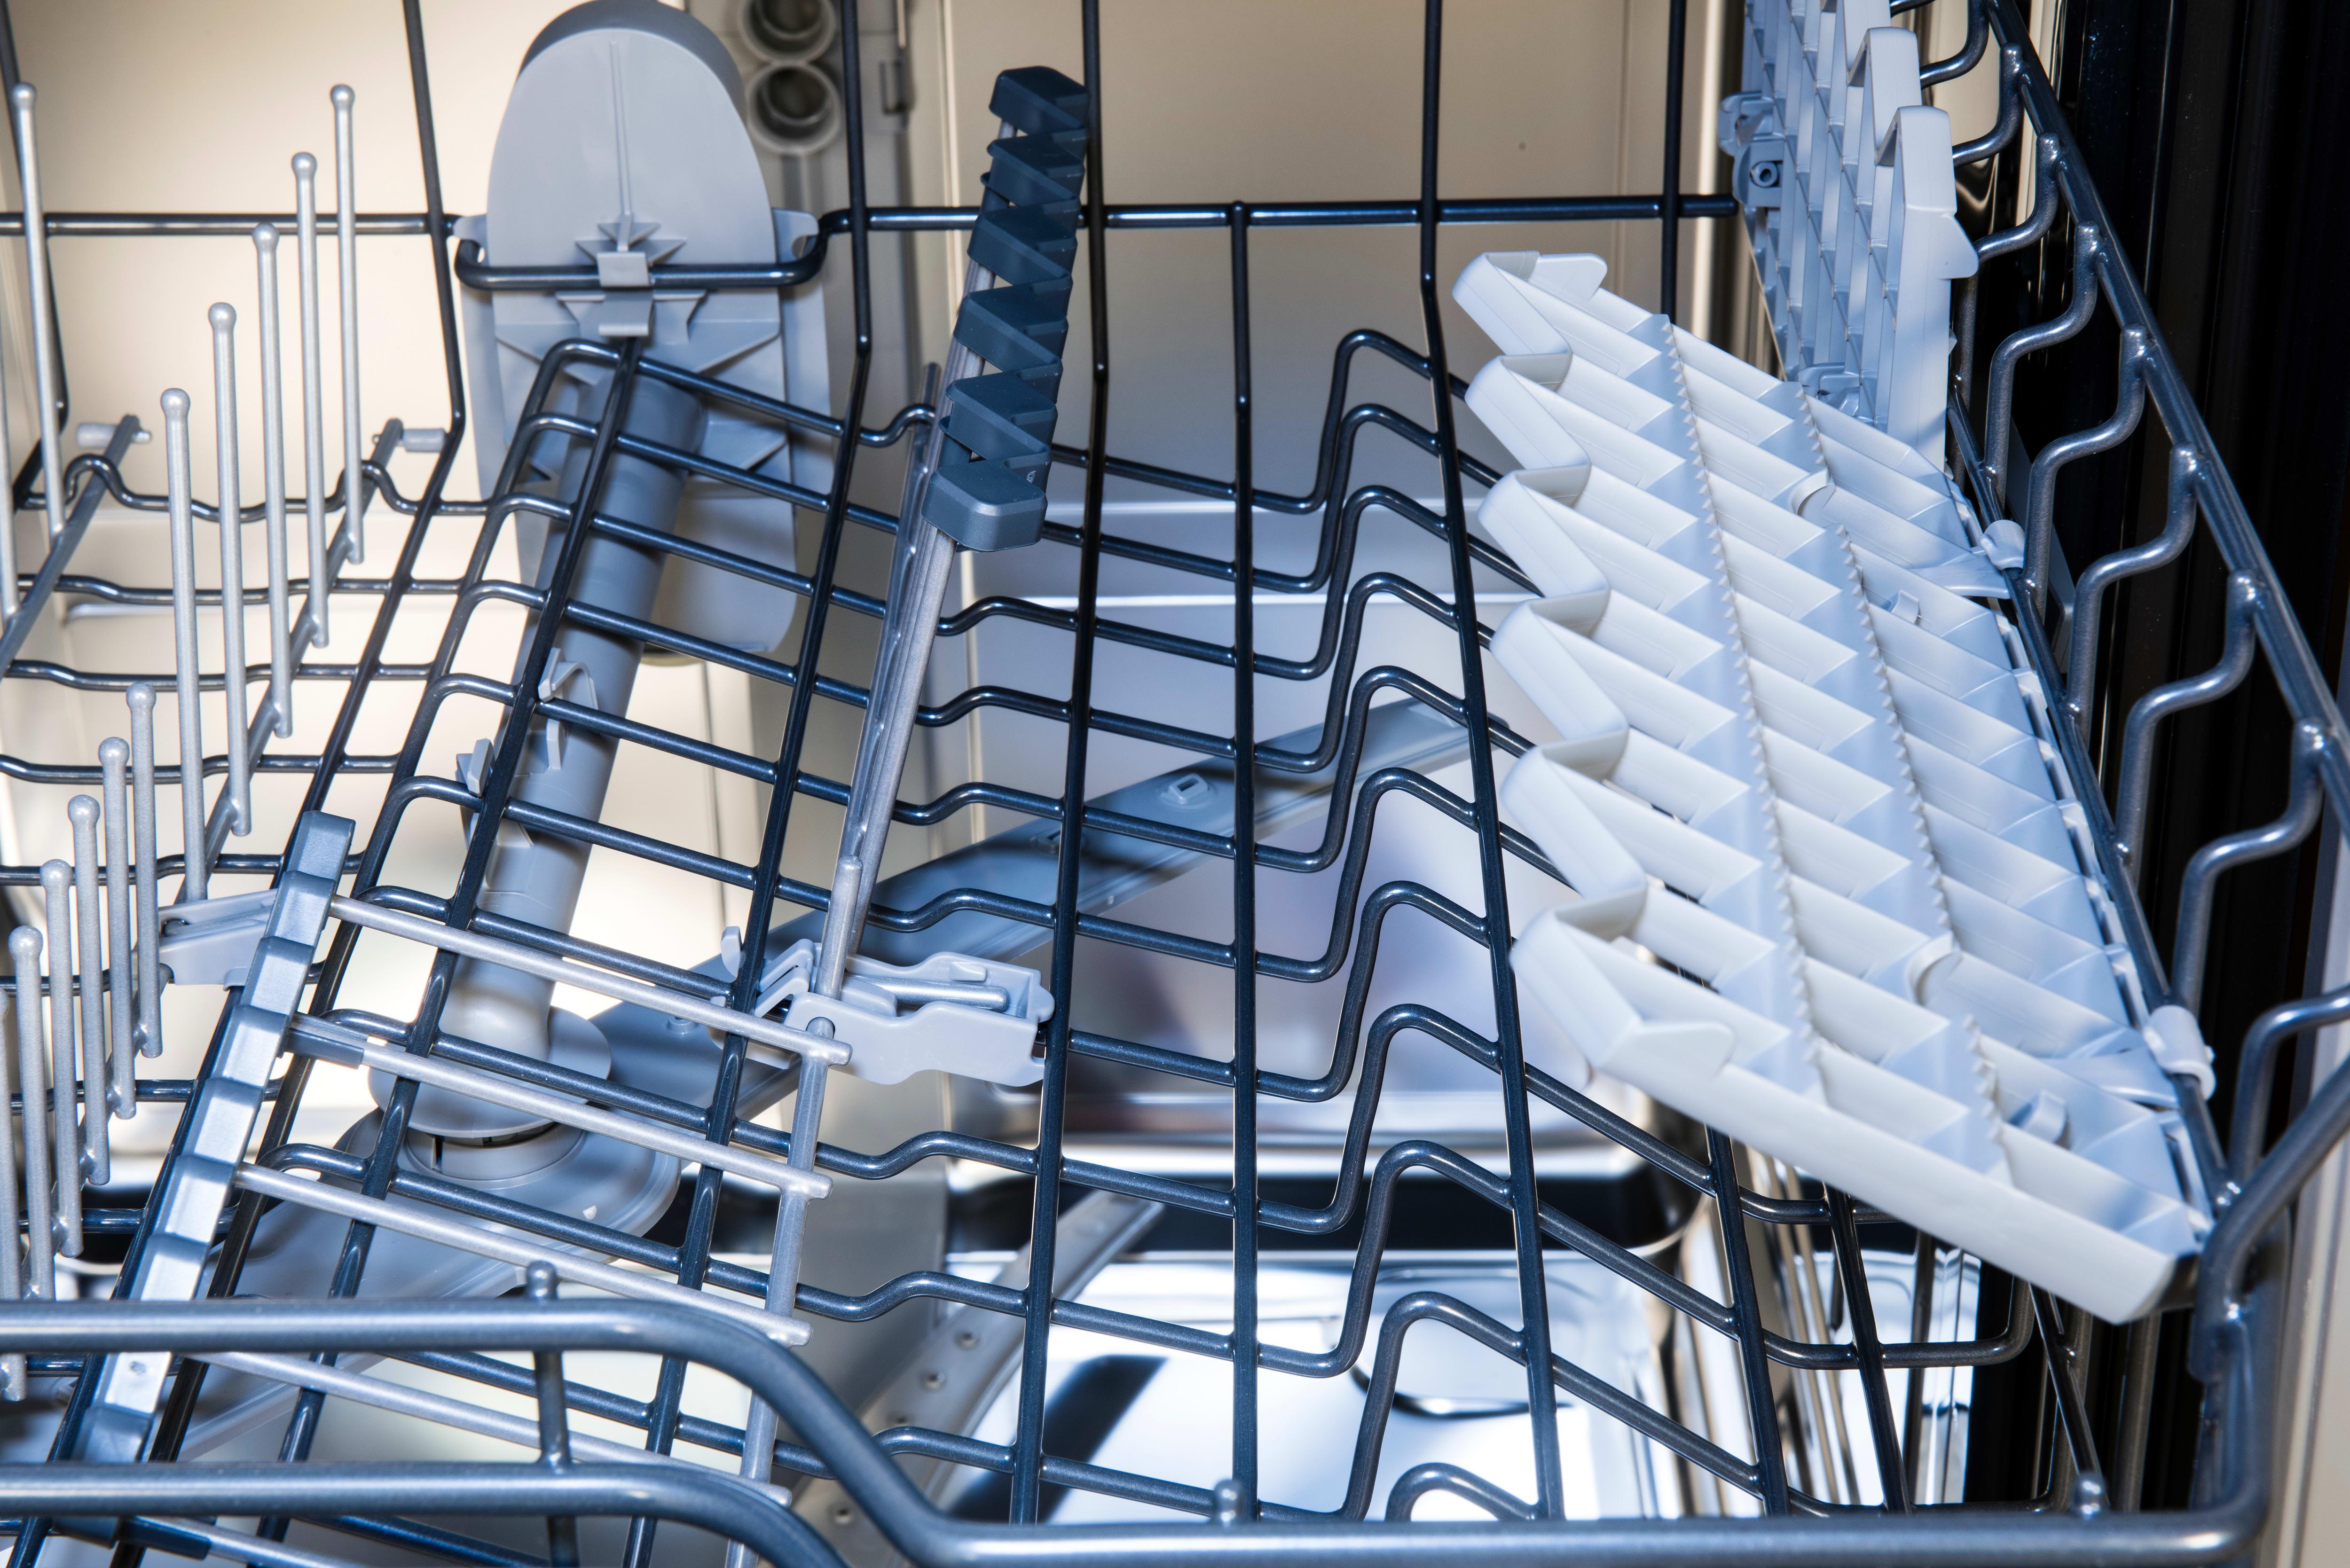 Jenn-Air JDB9600CWX empty cup shelves